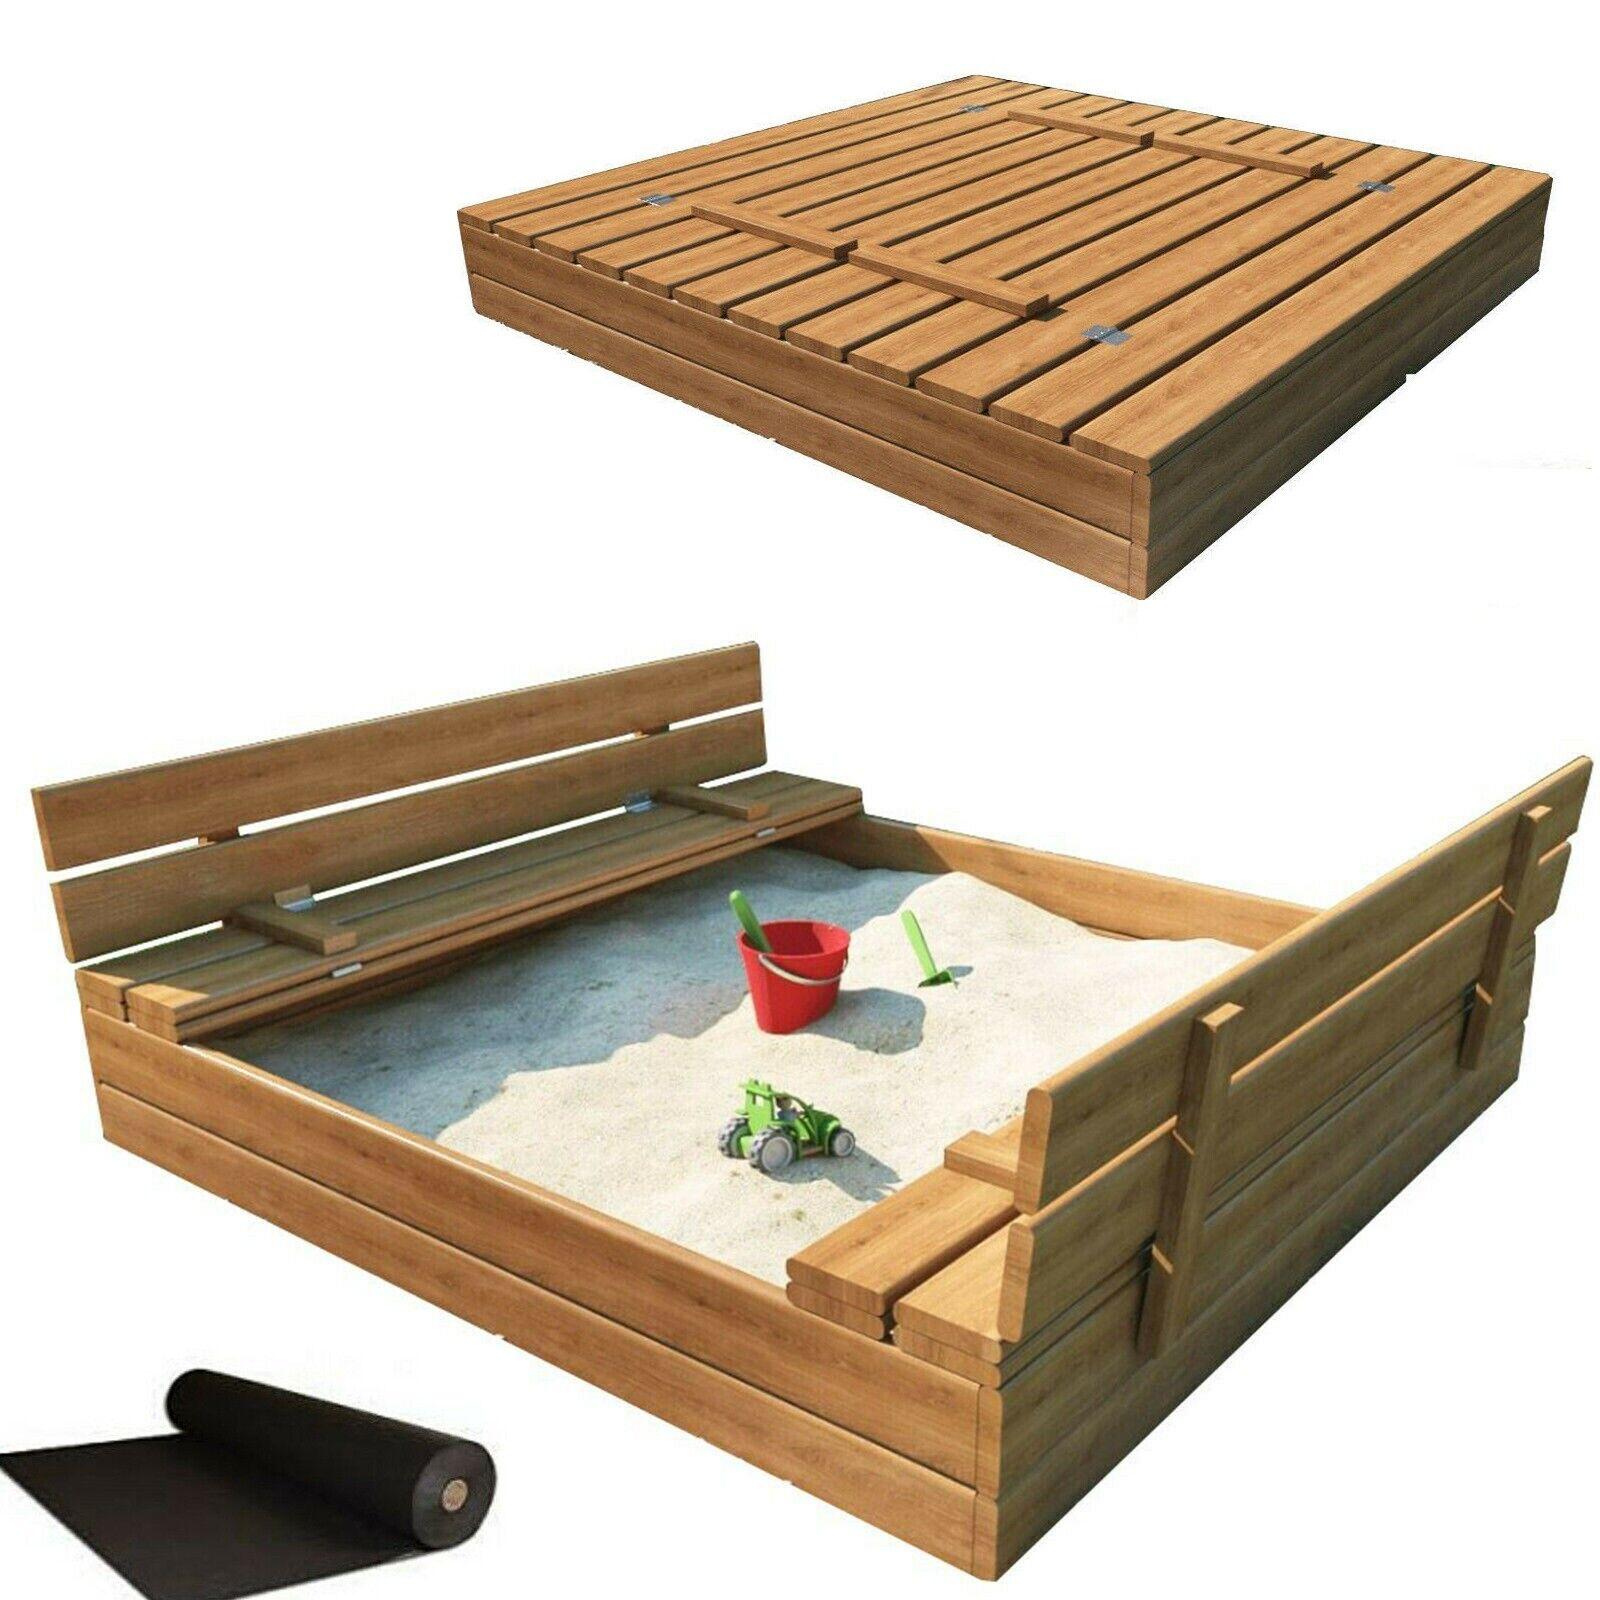 Holz Sandkasten Mit Dach Abdeckung Sandkiste Sitzbank